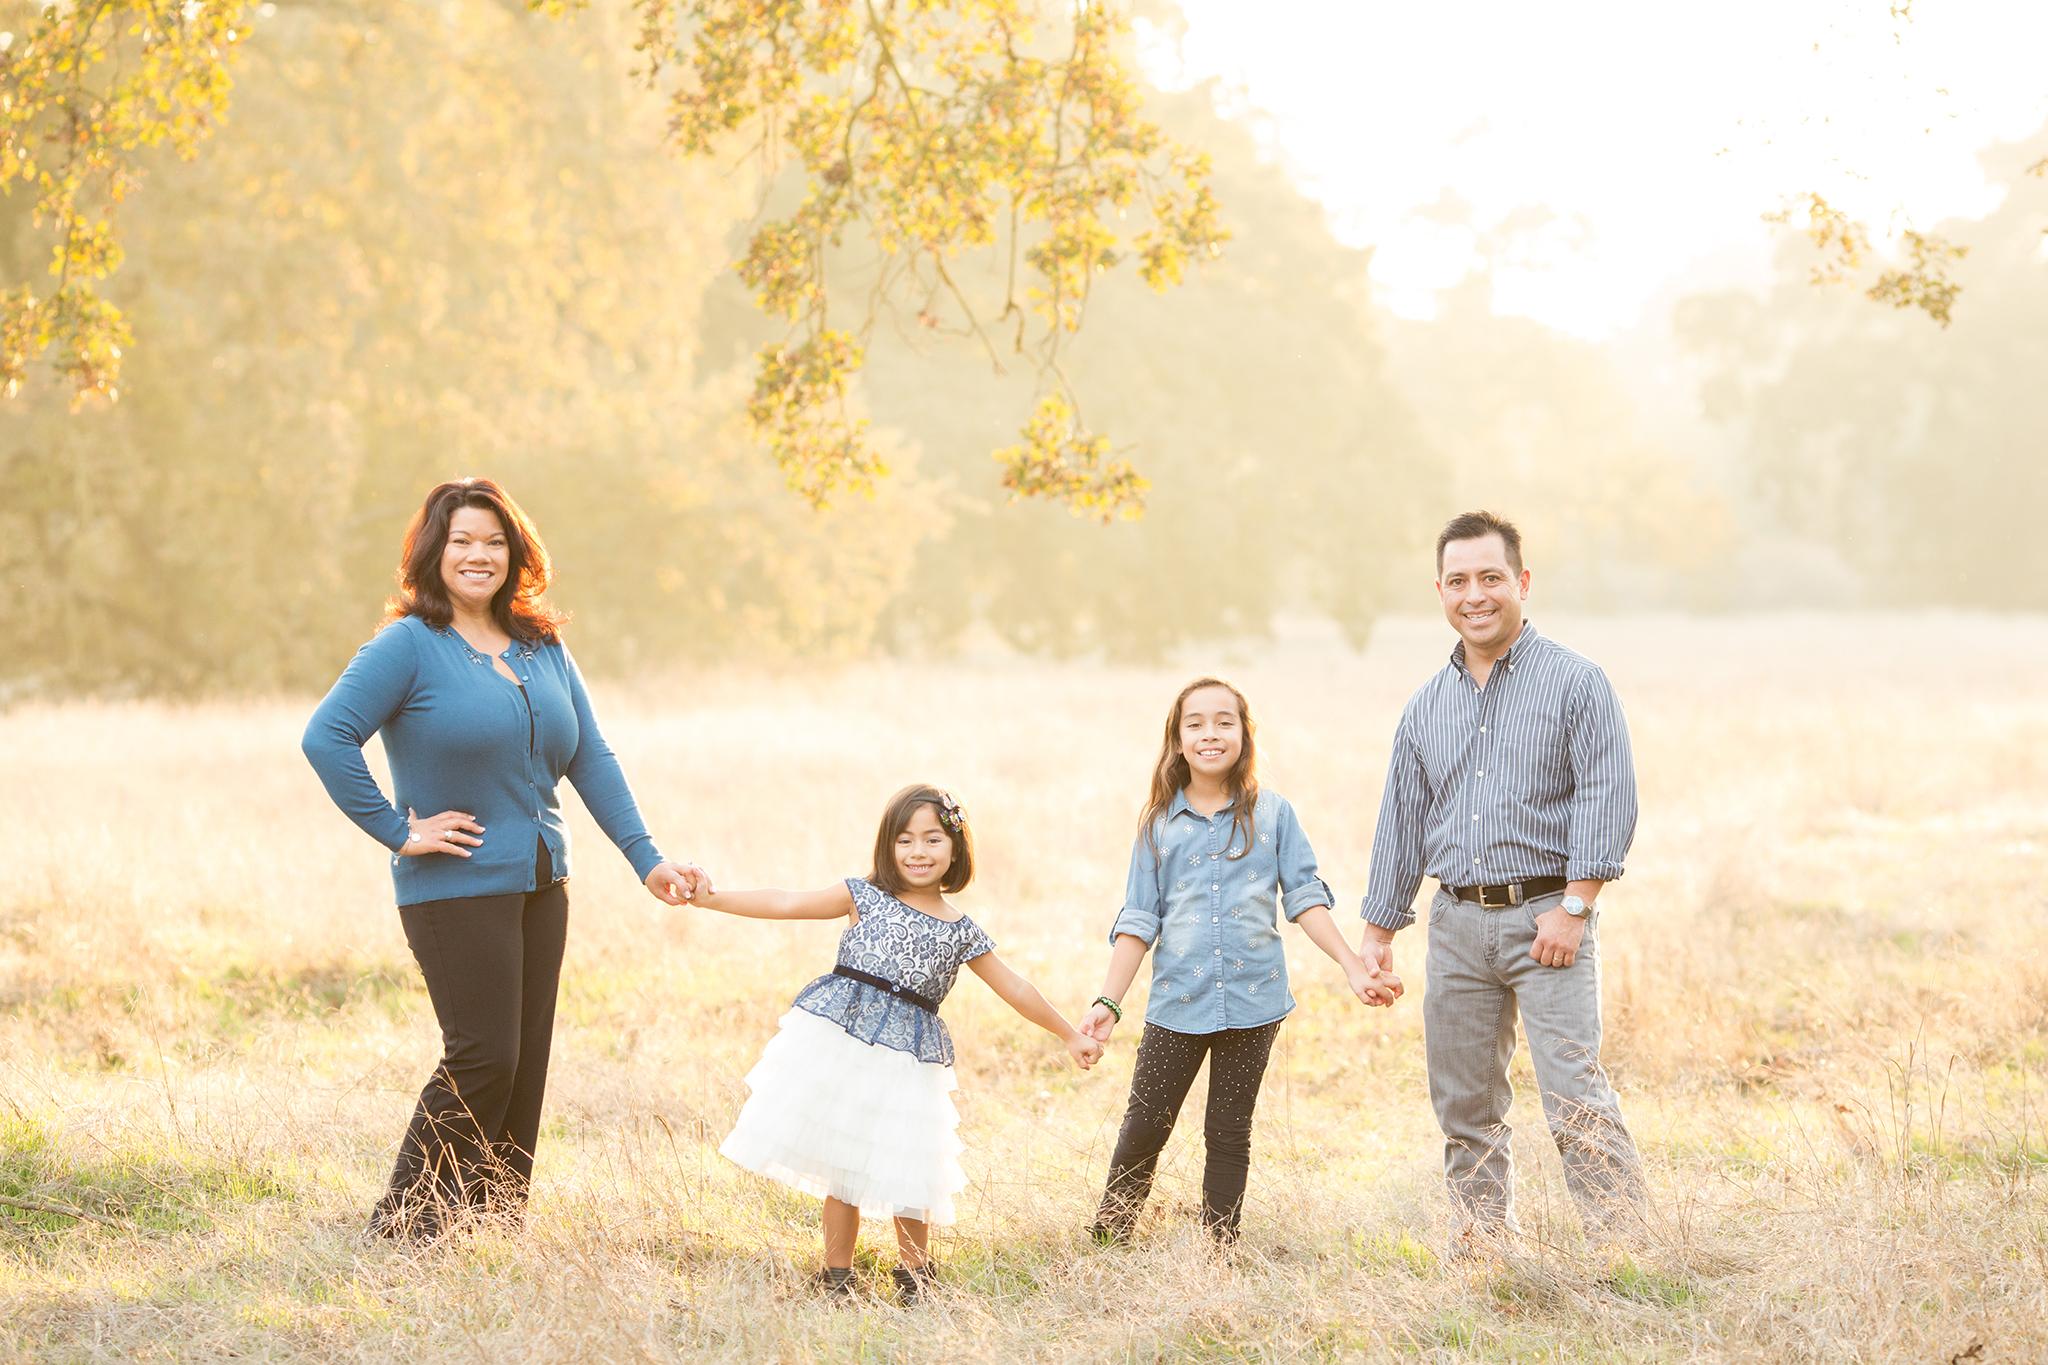 Fung-Family-20141126-022-Edit-Edit.jpg